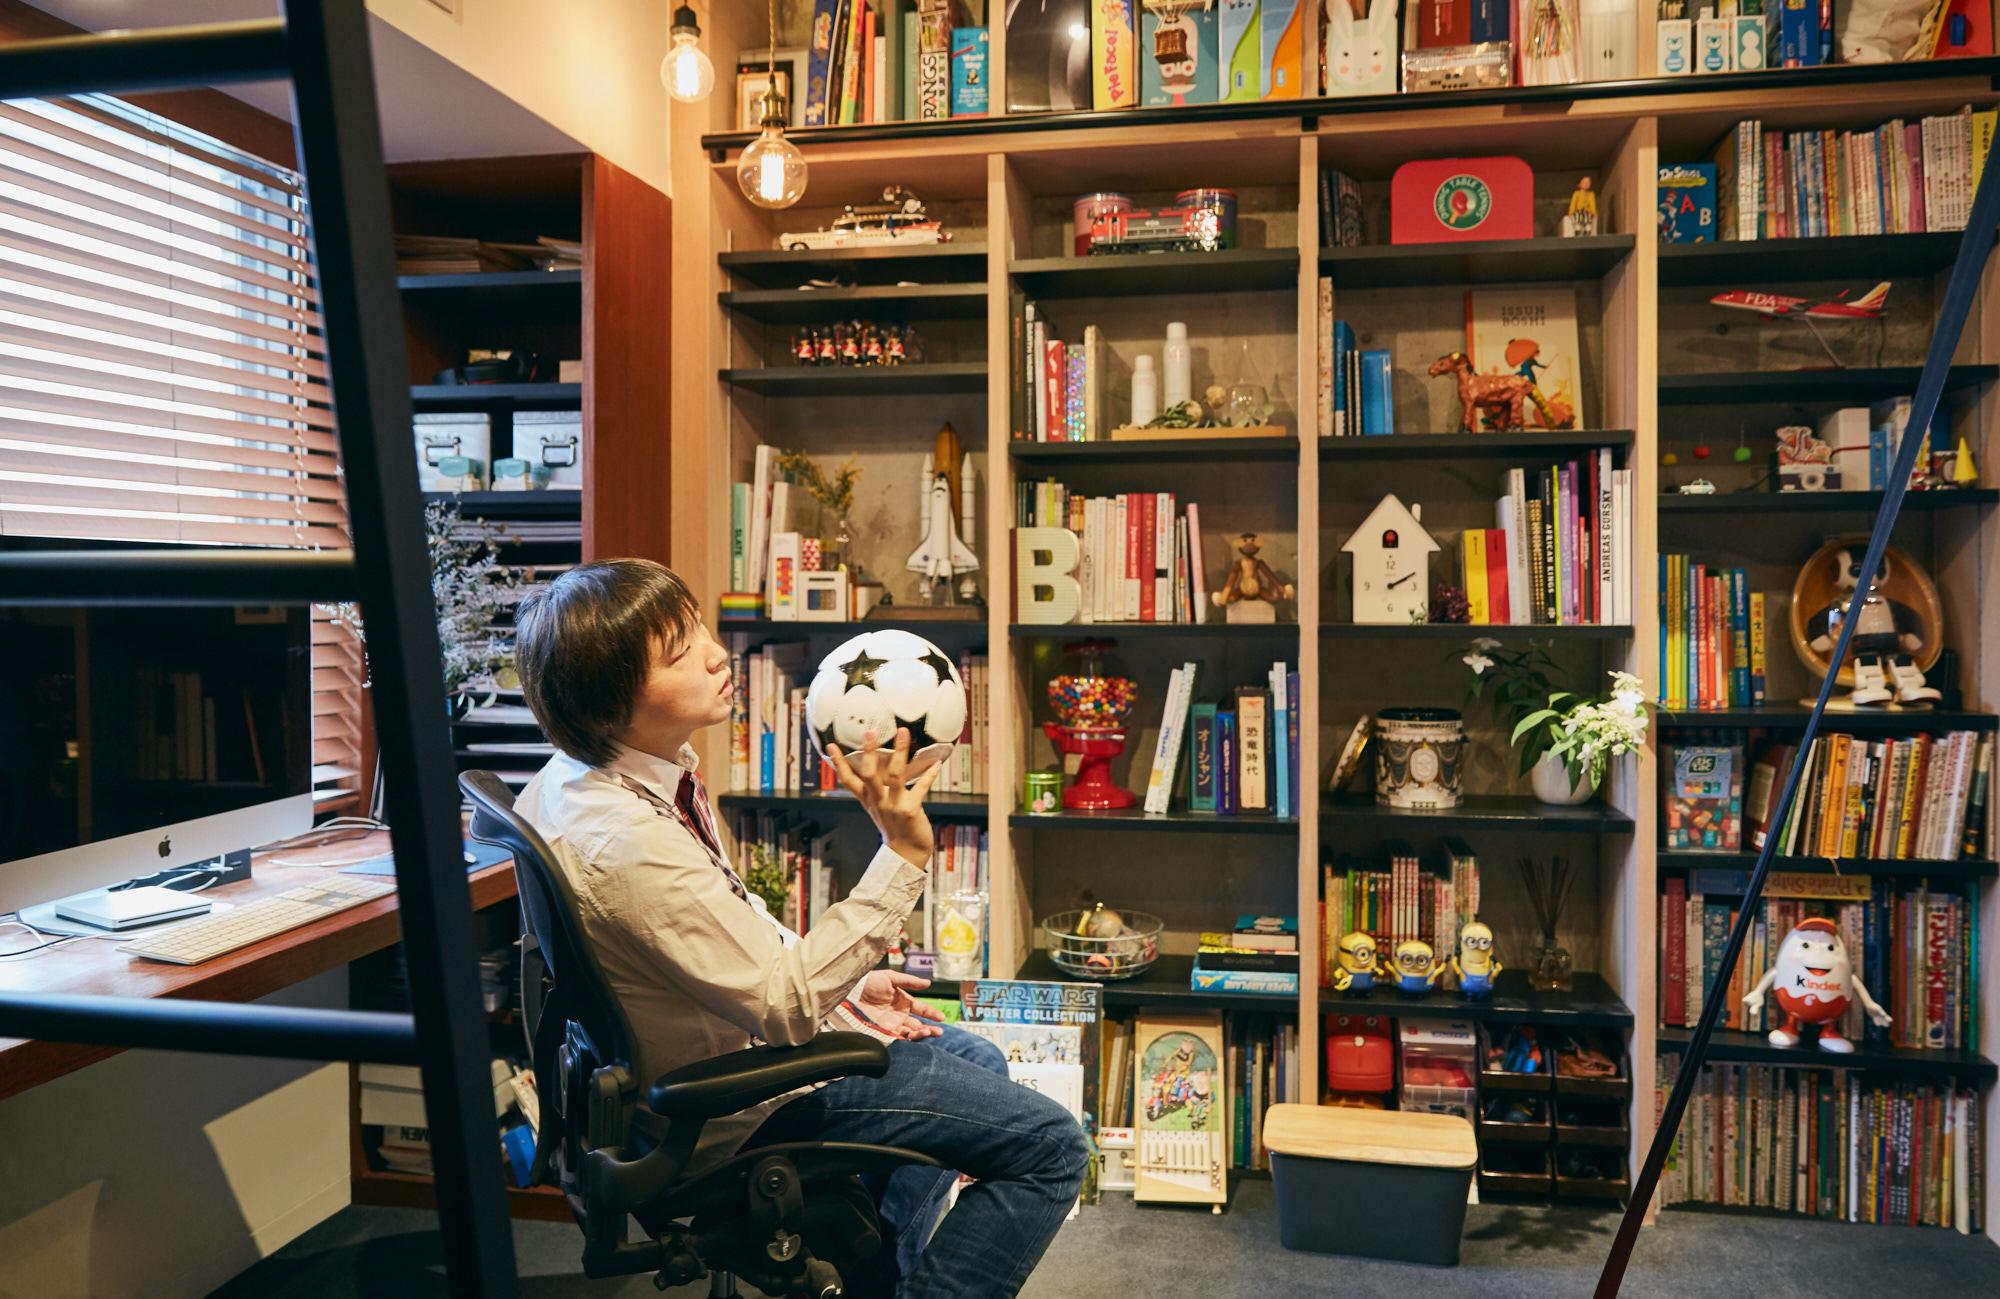 子どもと過ごす書斎